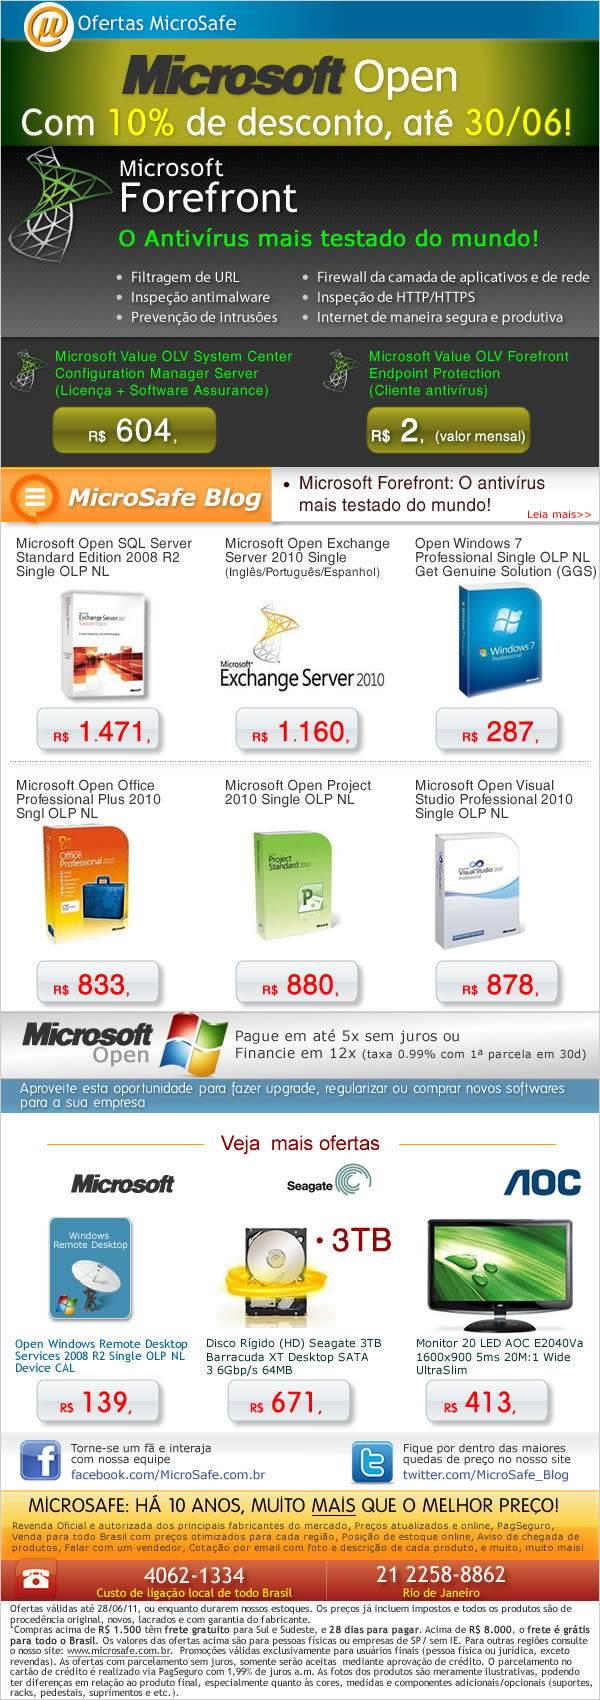 Microsoft Open com 10% de desconto.So ate 30 de junho